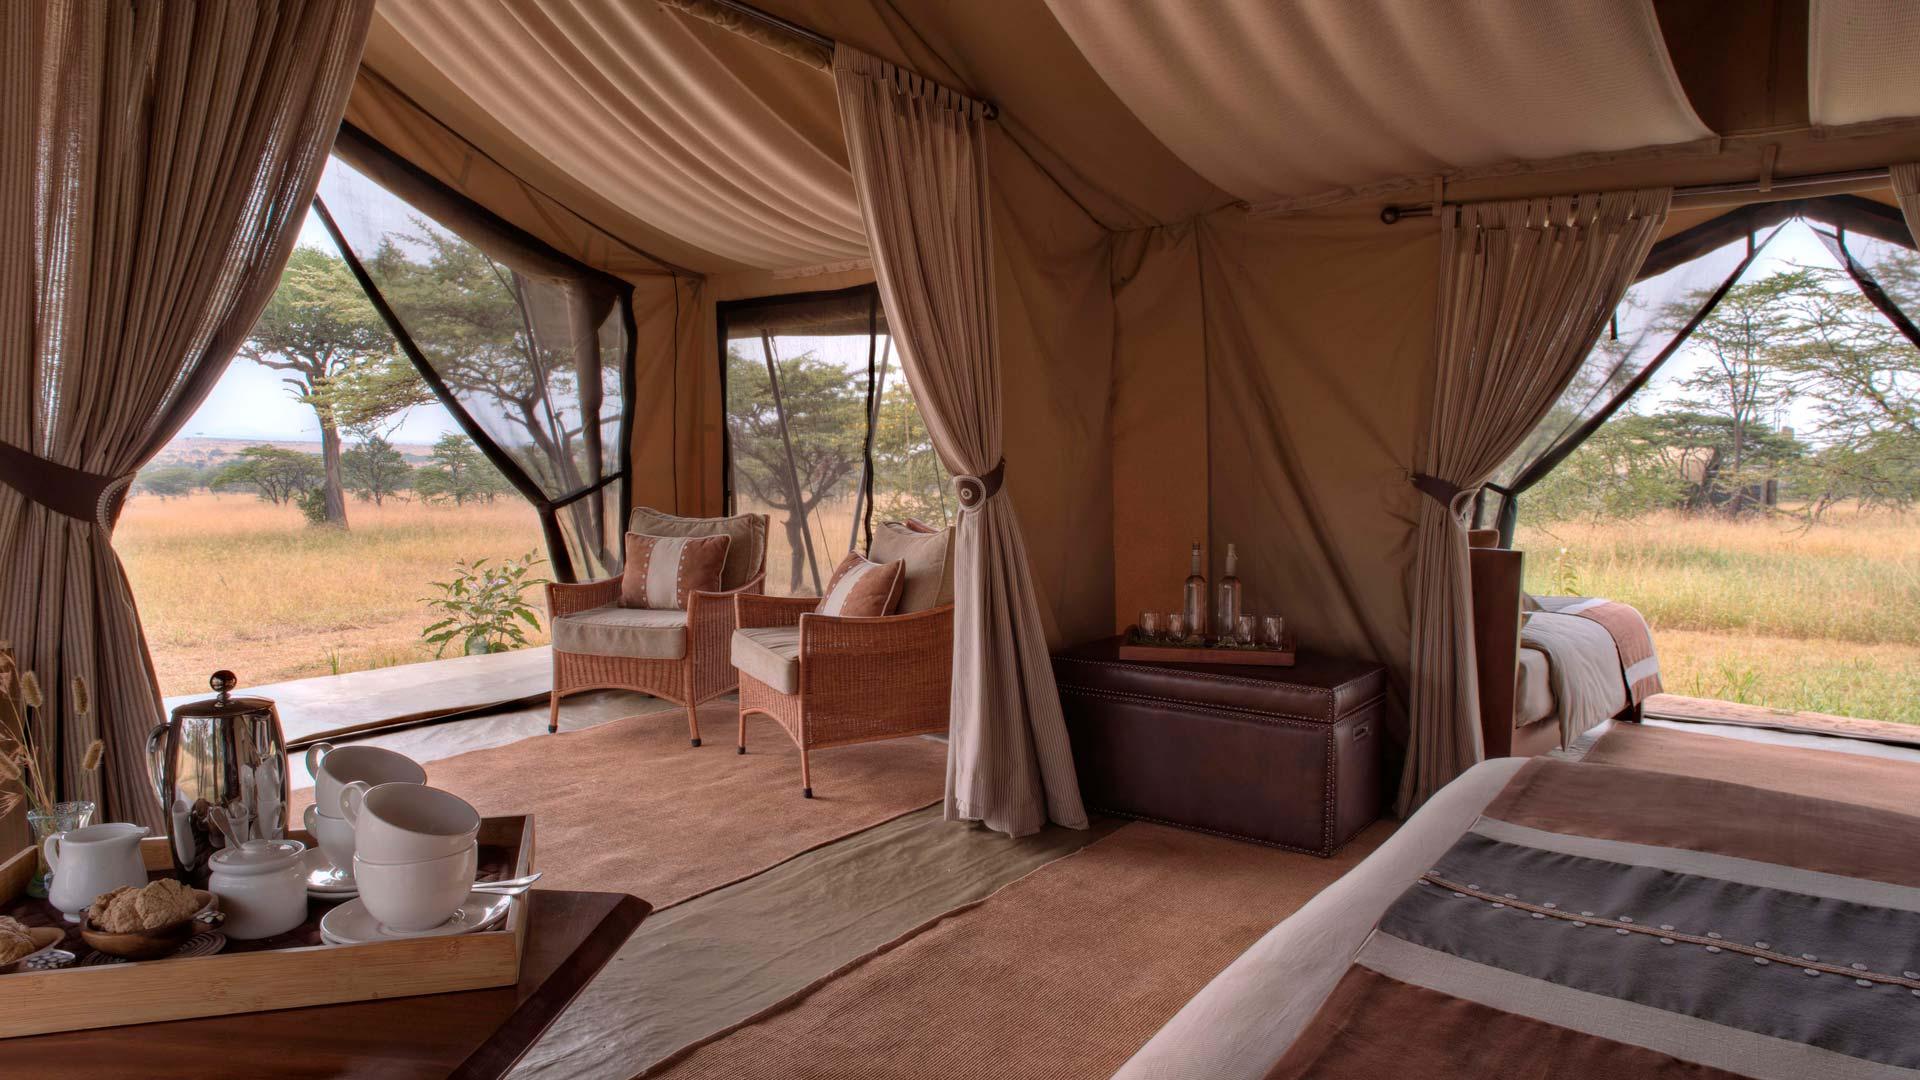 Tent interior and decor